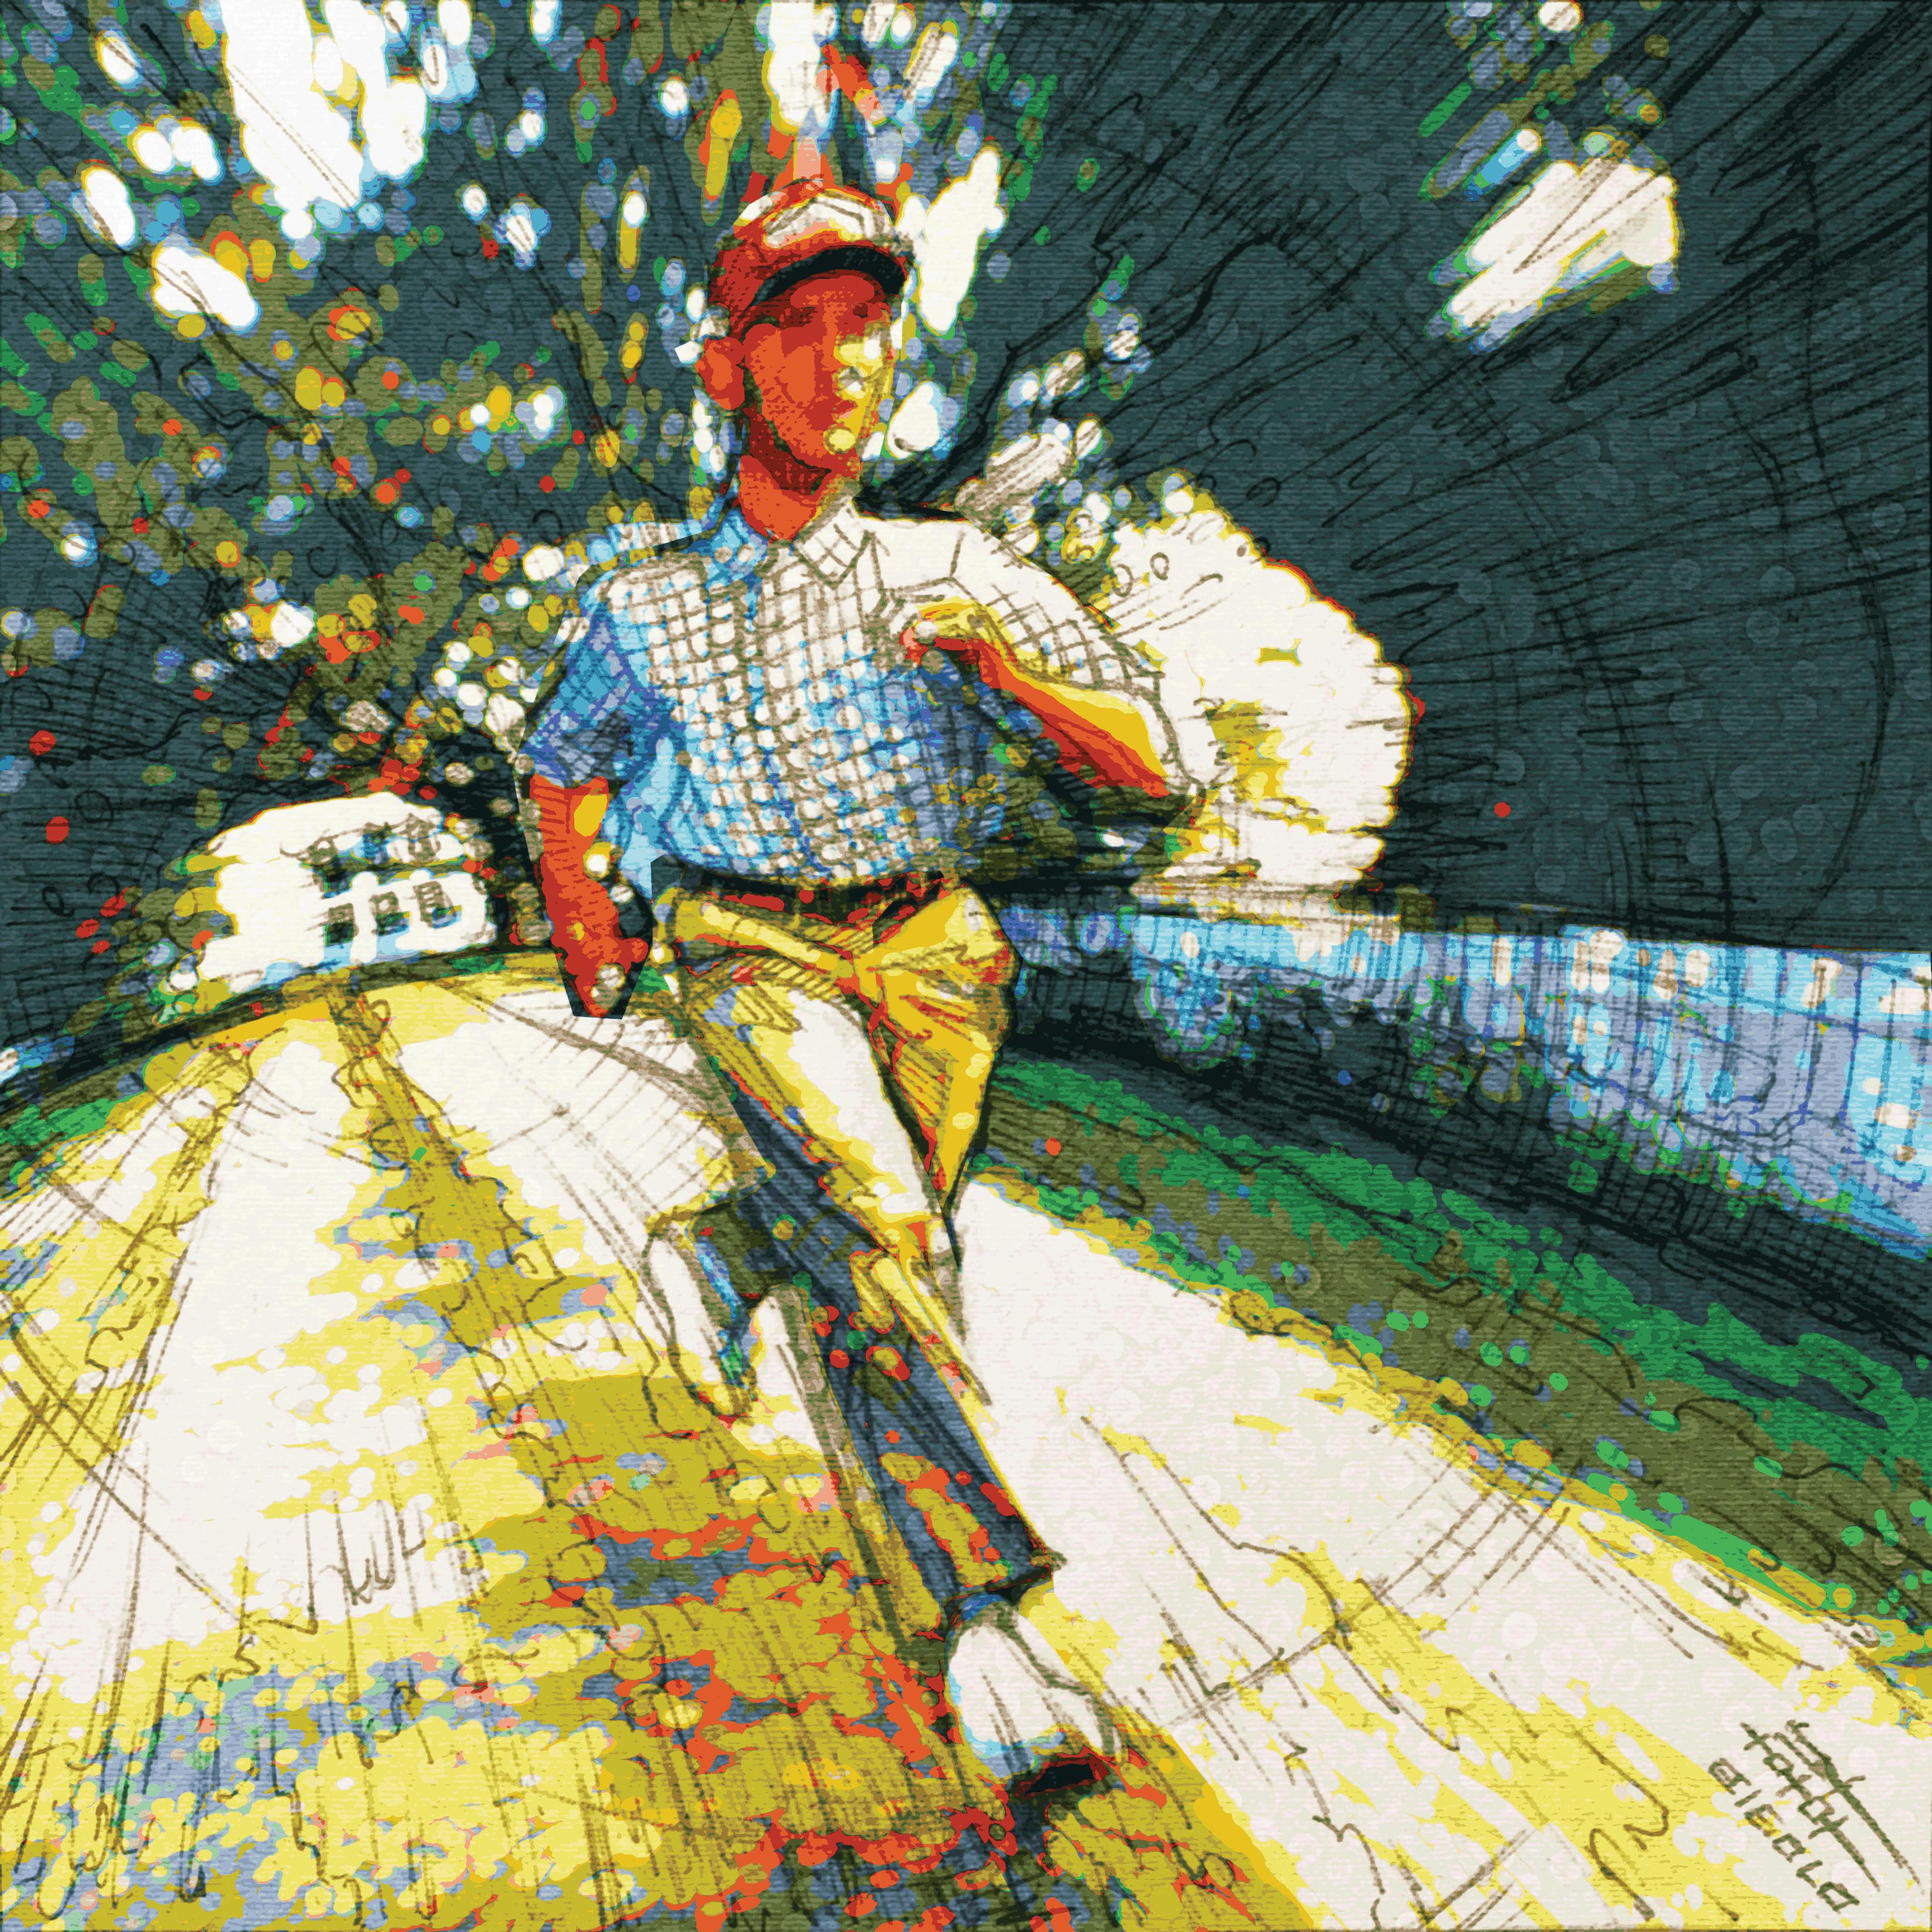 Day 07-09-18 - Run, Forrest, Run